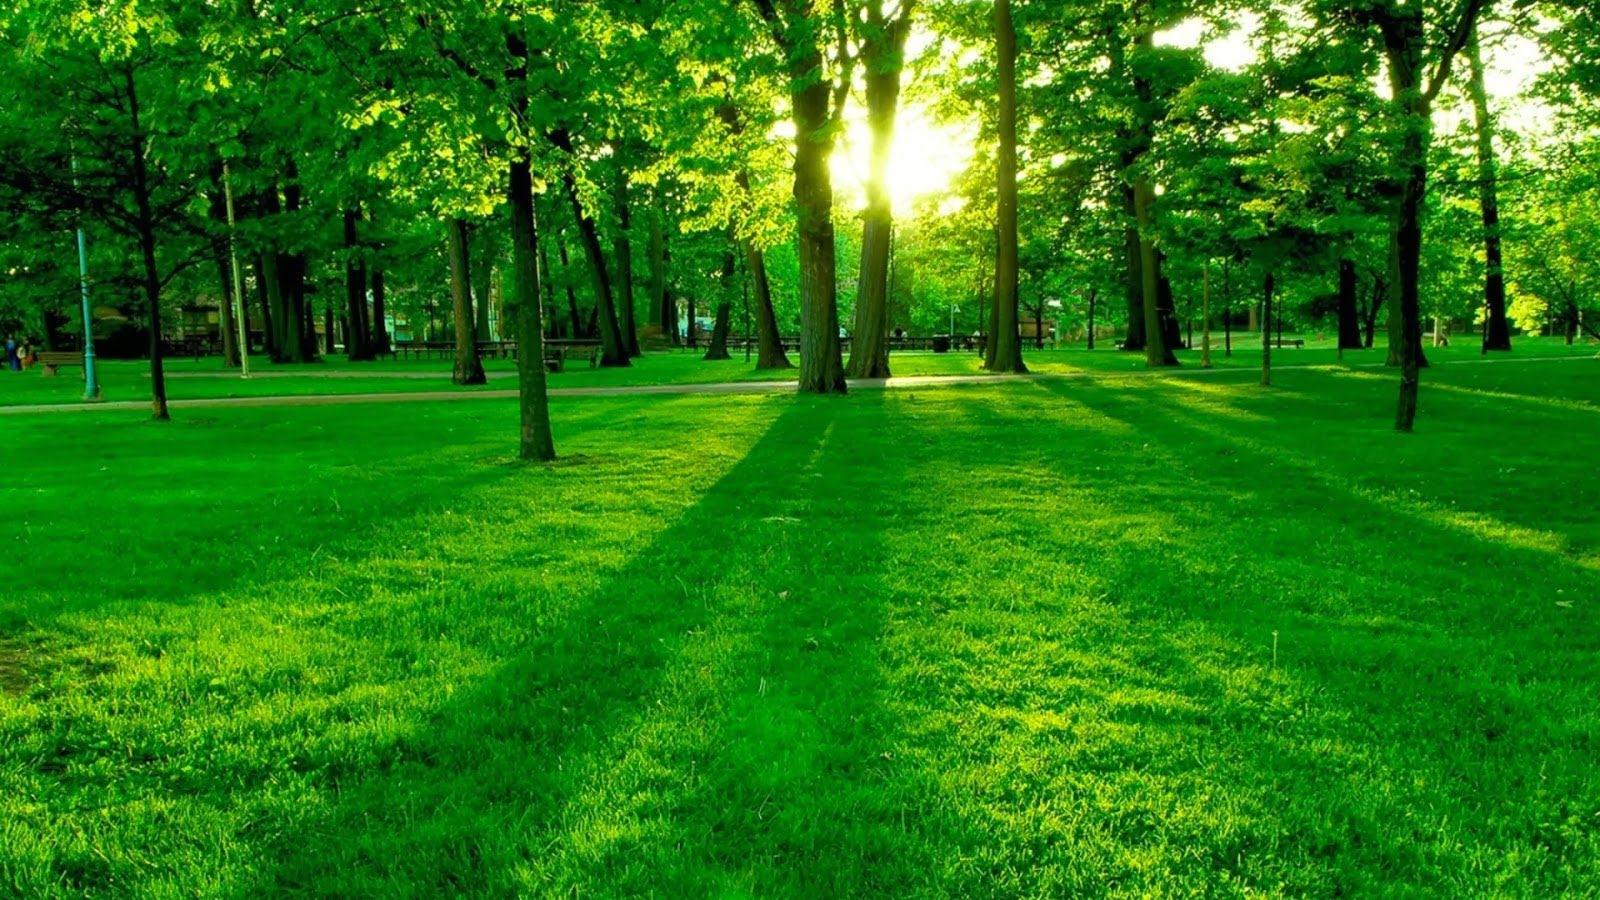 与美丽的绿色景观的自然图片